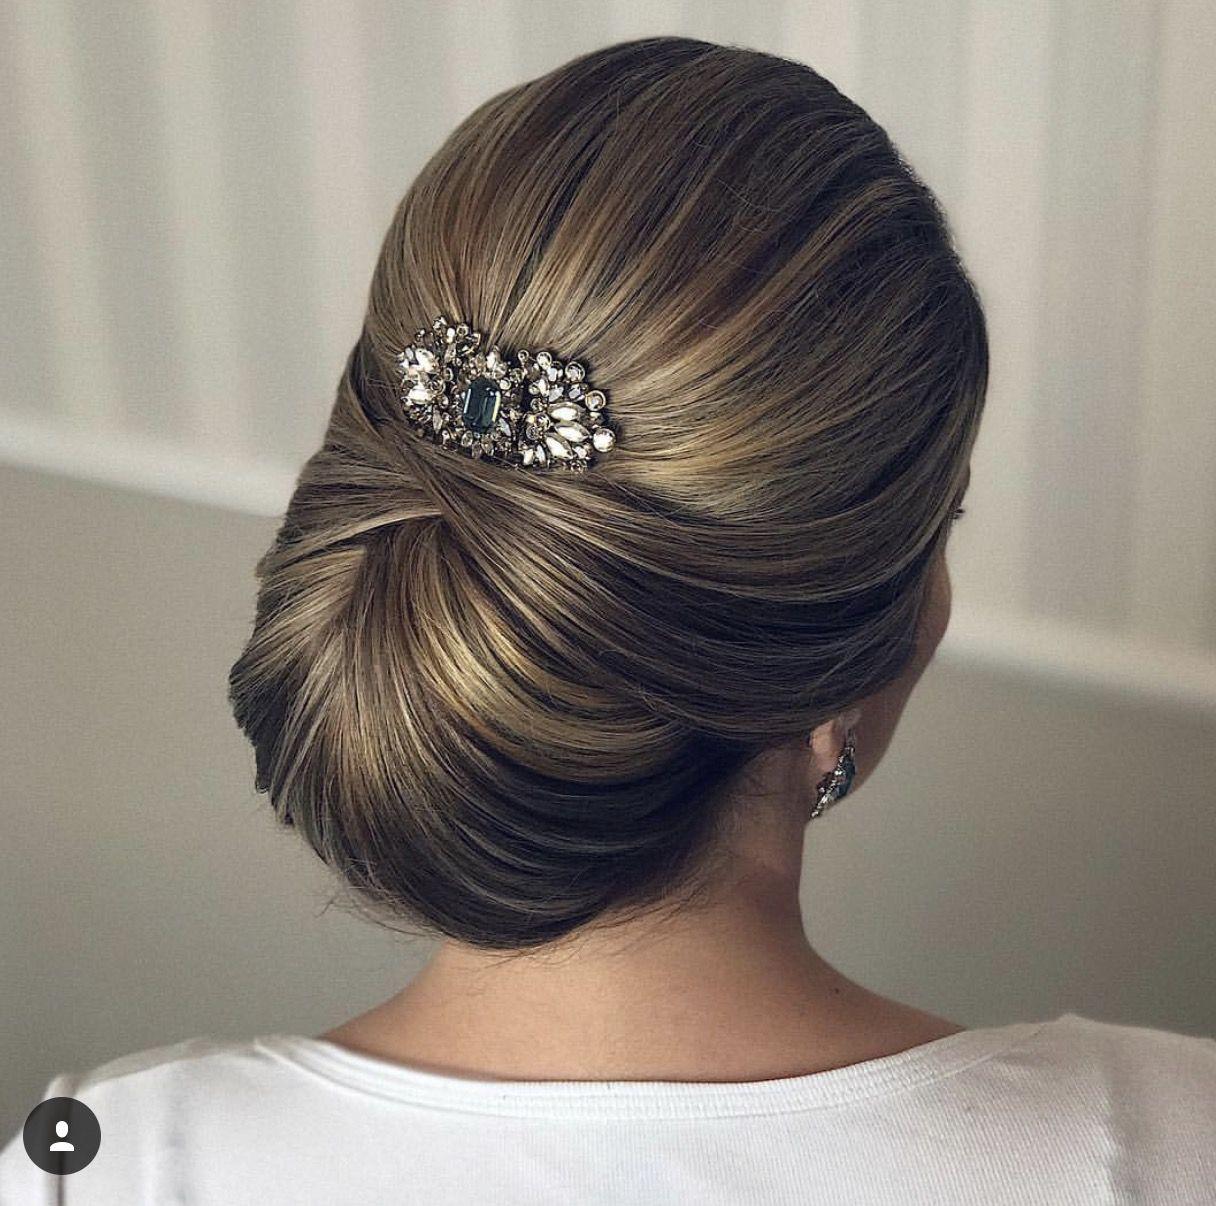 Pin De Khadija Oulaya En Penteados Peinados Con Pelo Recogido Peinados Boda Pelo Corto Peinado De Novia Recogidos